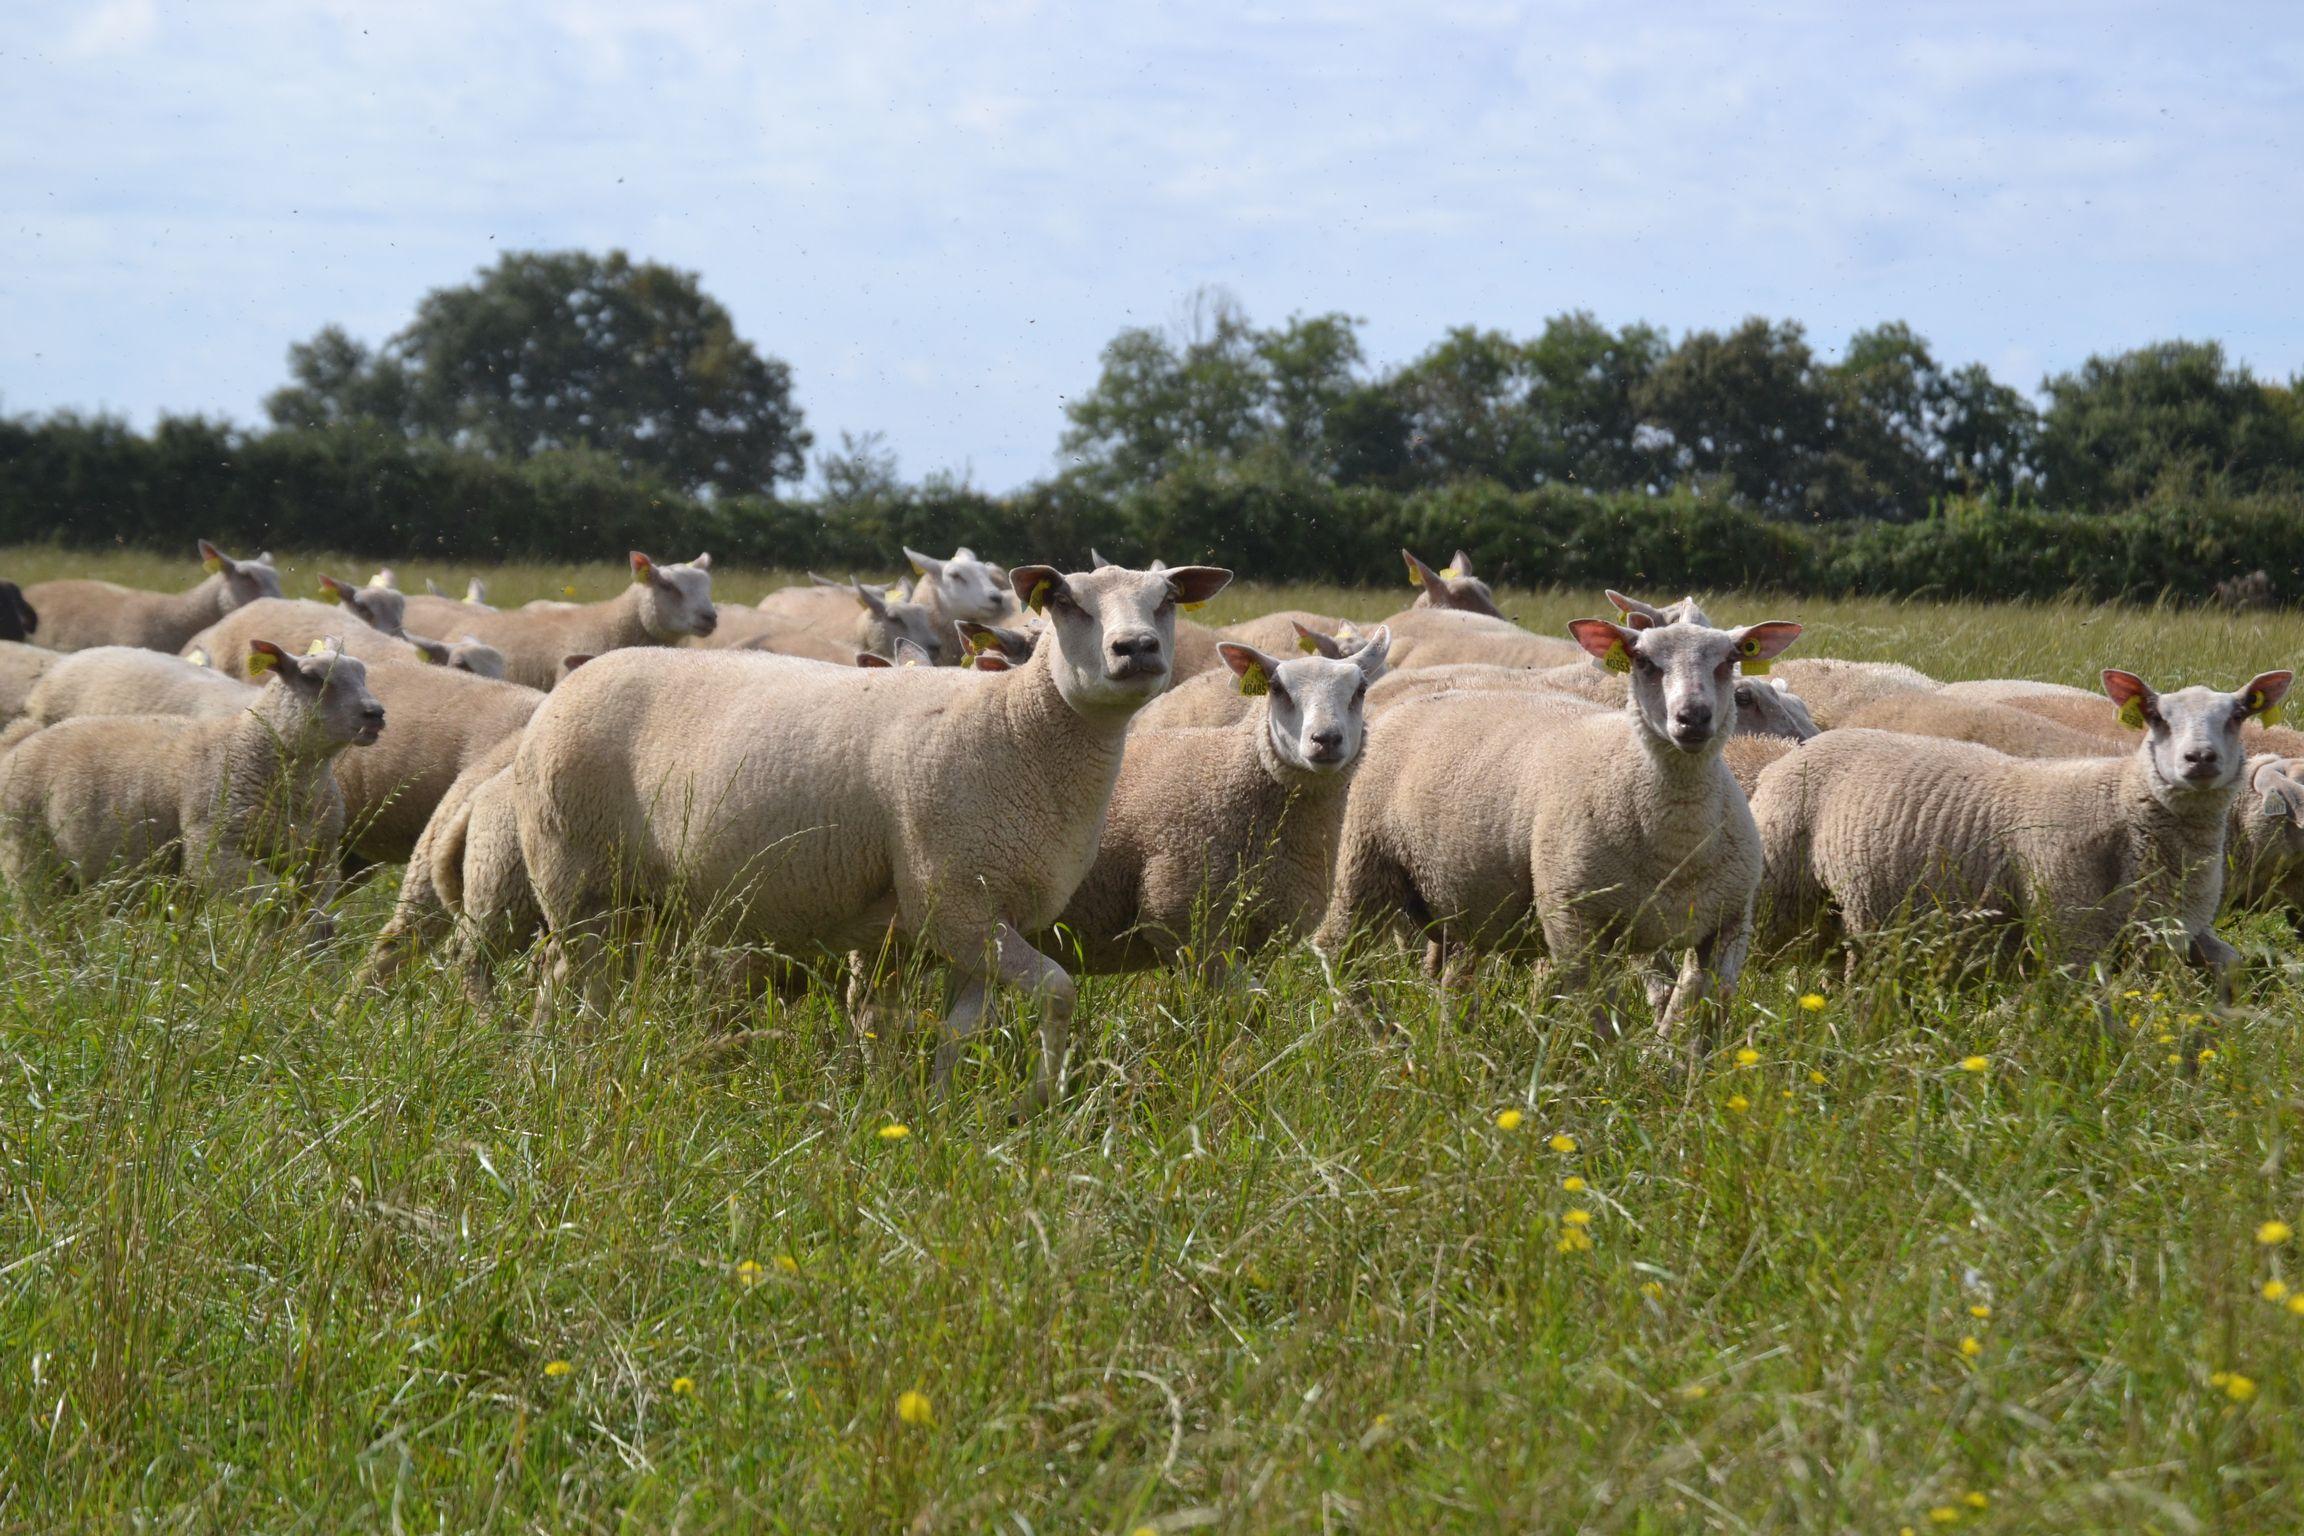 Poitou-Charentes lamb